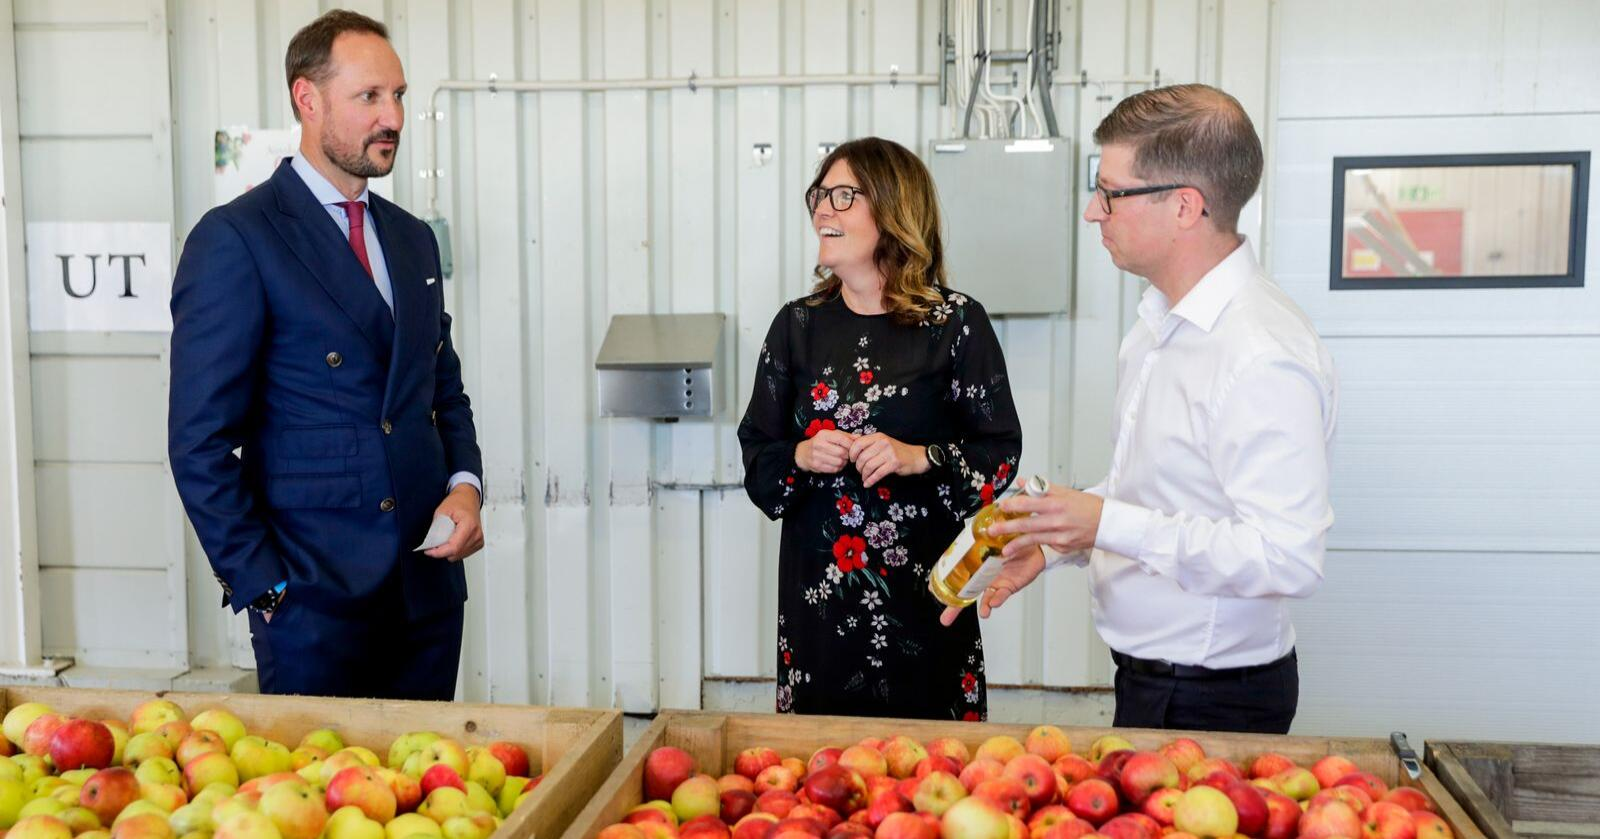 Kronprins Haakon sammen med daglig leder Astrid Lier Rømuld og kvalitets- og utviklingssjef Lars Erik Pettersen ved Askim Frukt- og Bærpresseri. Foto: Berit Roald / NTB